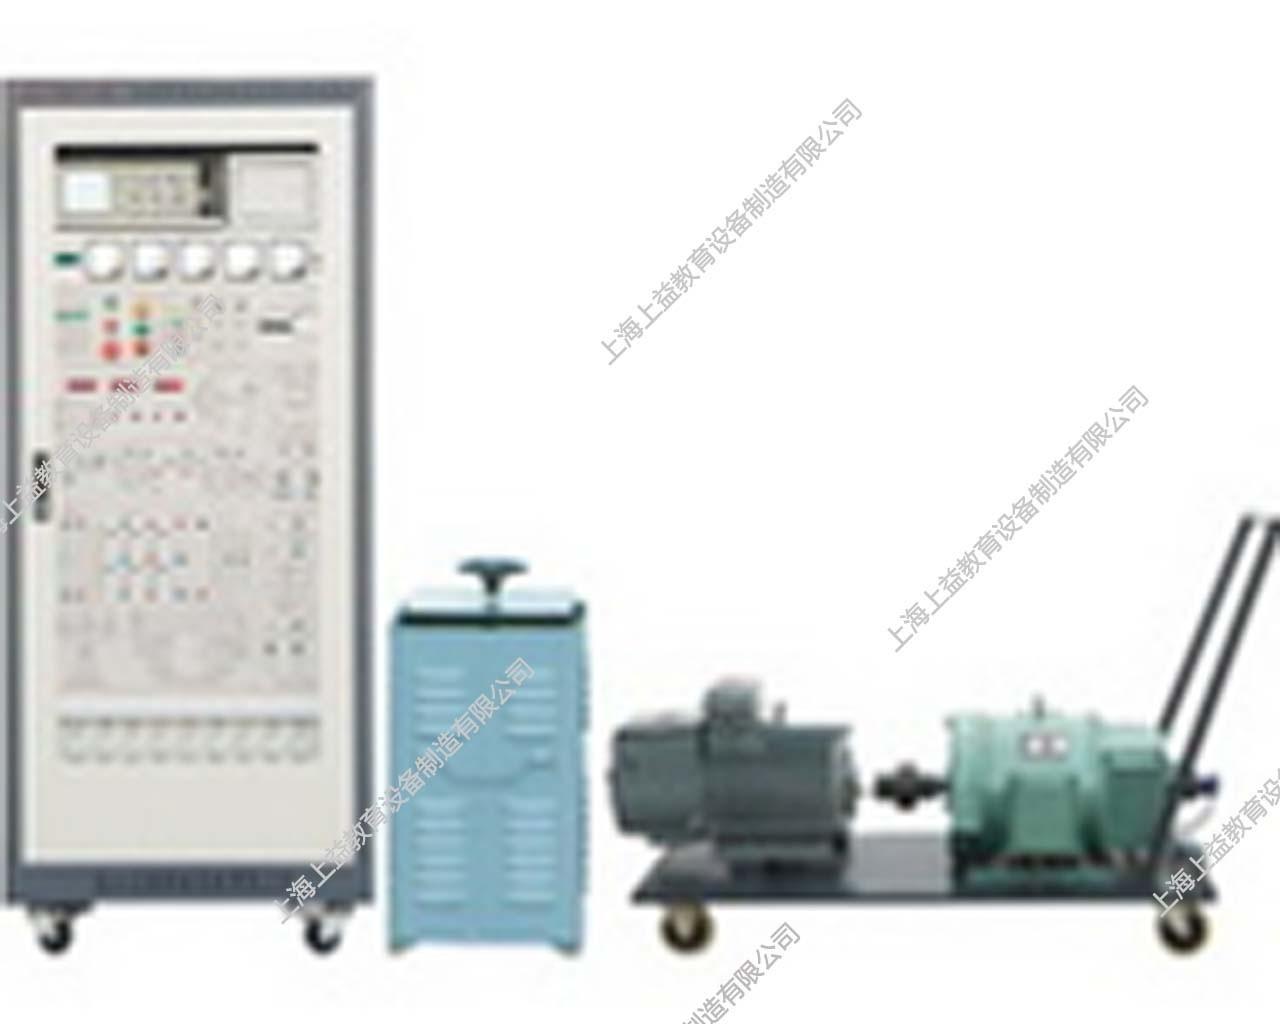 SYDLZ-780Z大功率交流调速系统wwwlehu8viplehu68vip装置